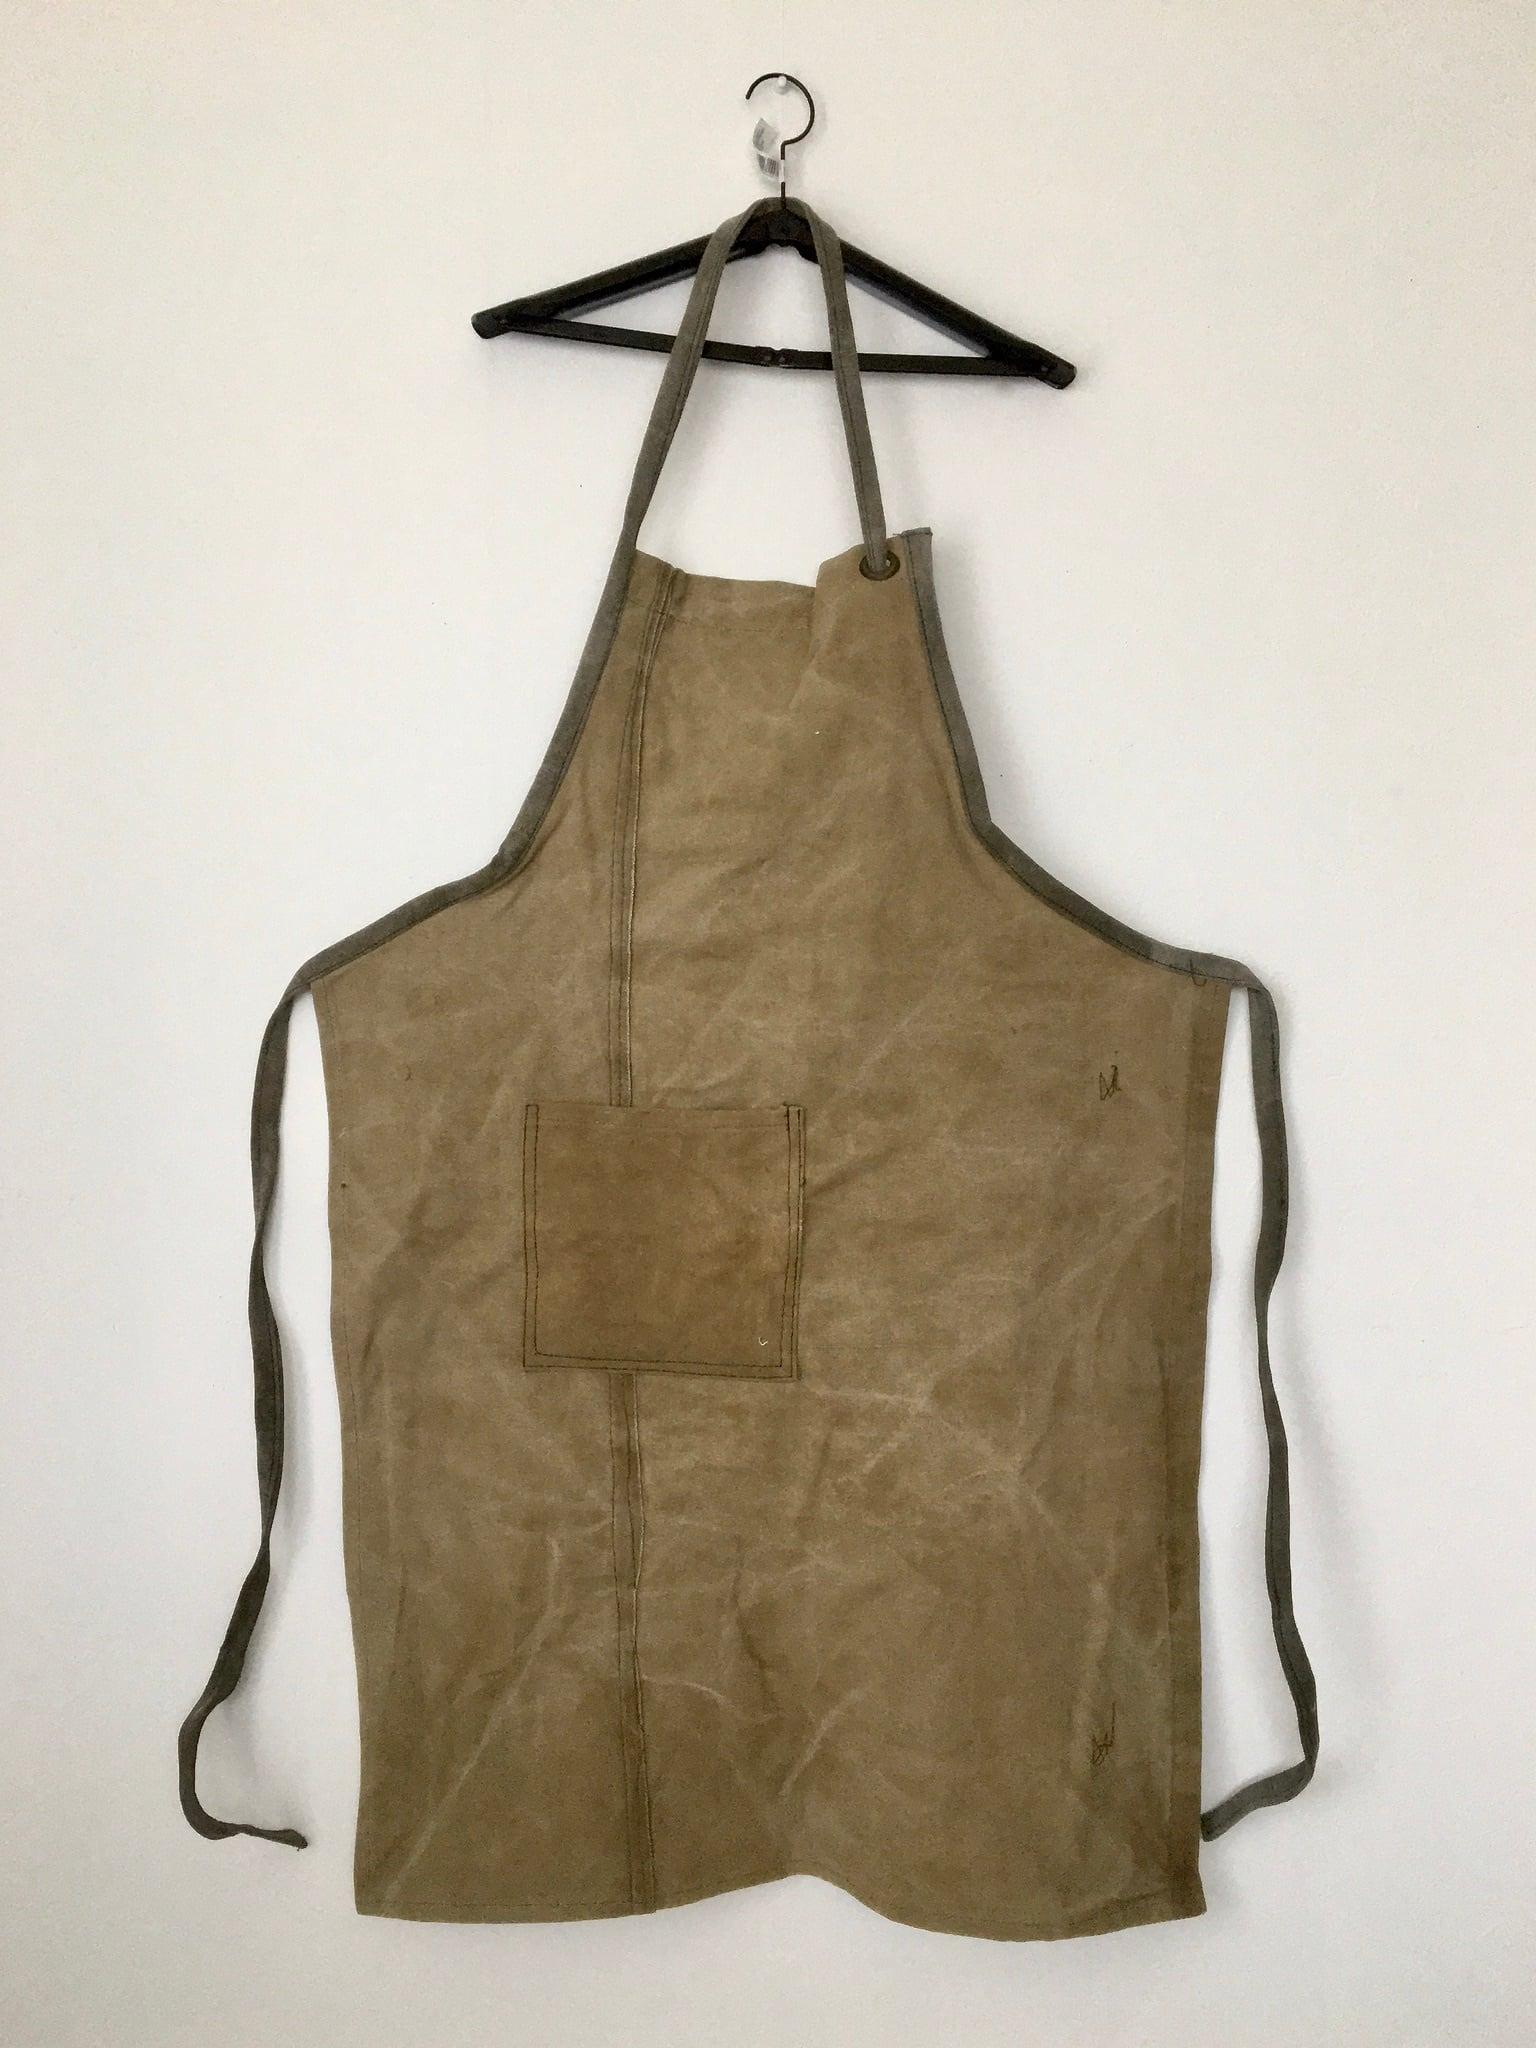 ヴィンテージのテント生地のエプロン Vintage Tent Fabric Apron(PUEBCO)